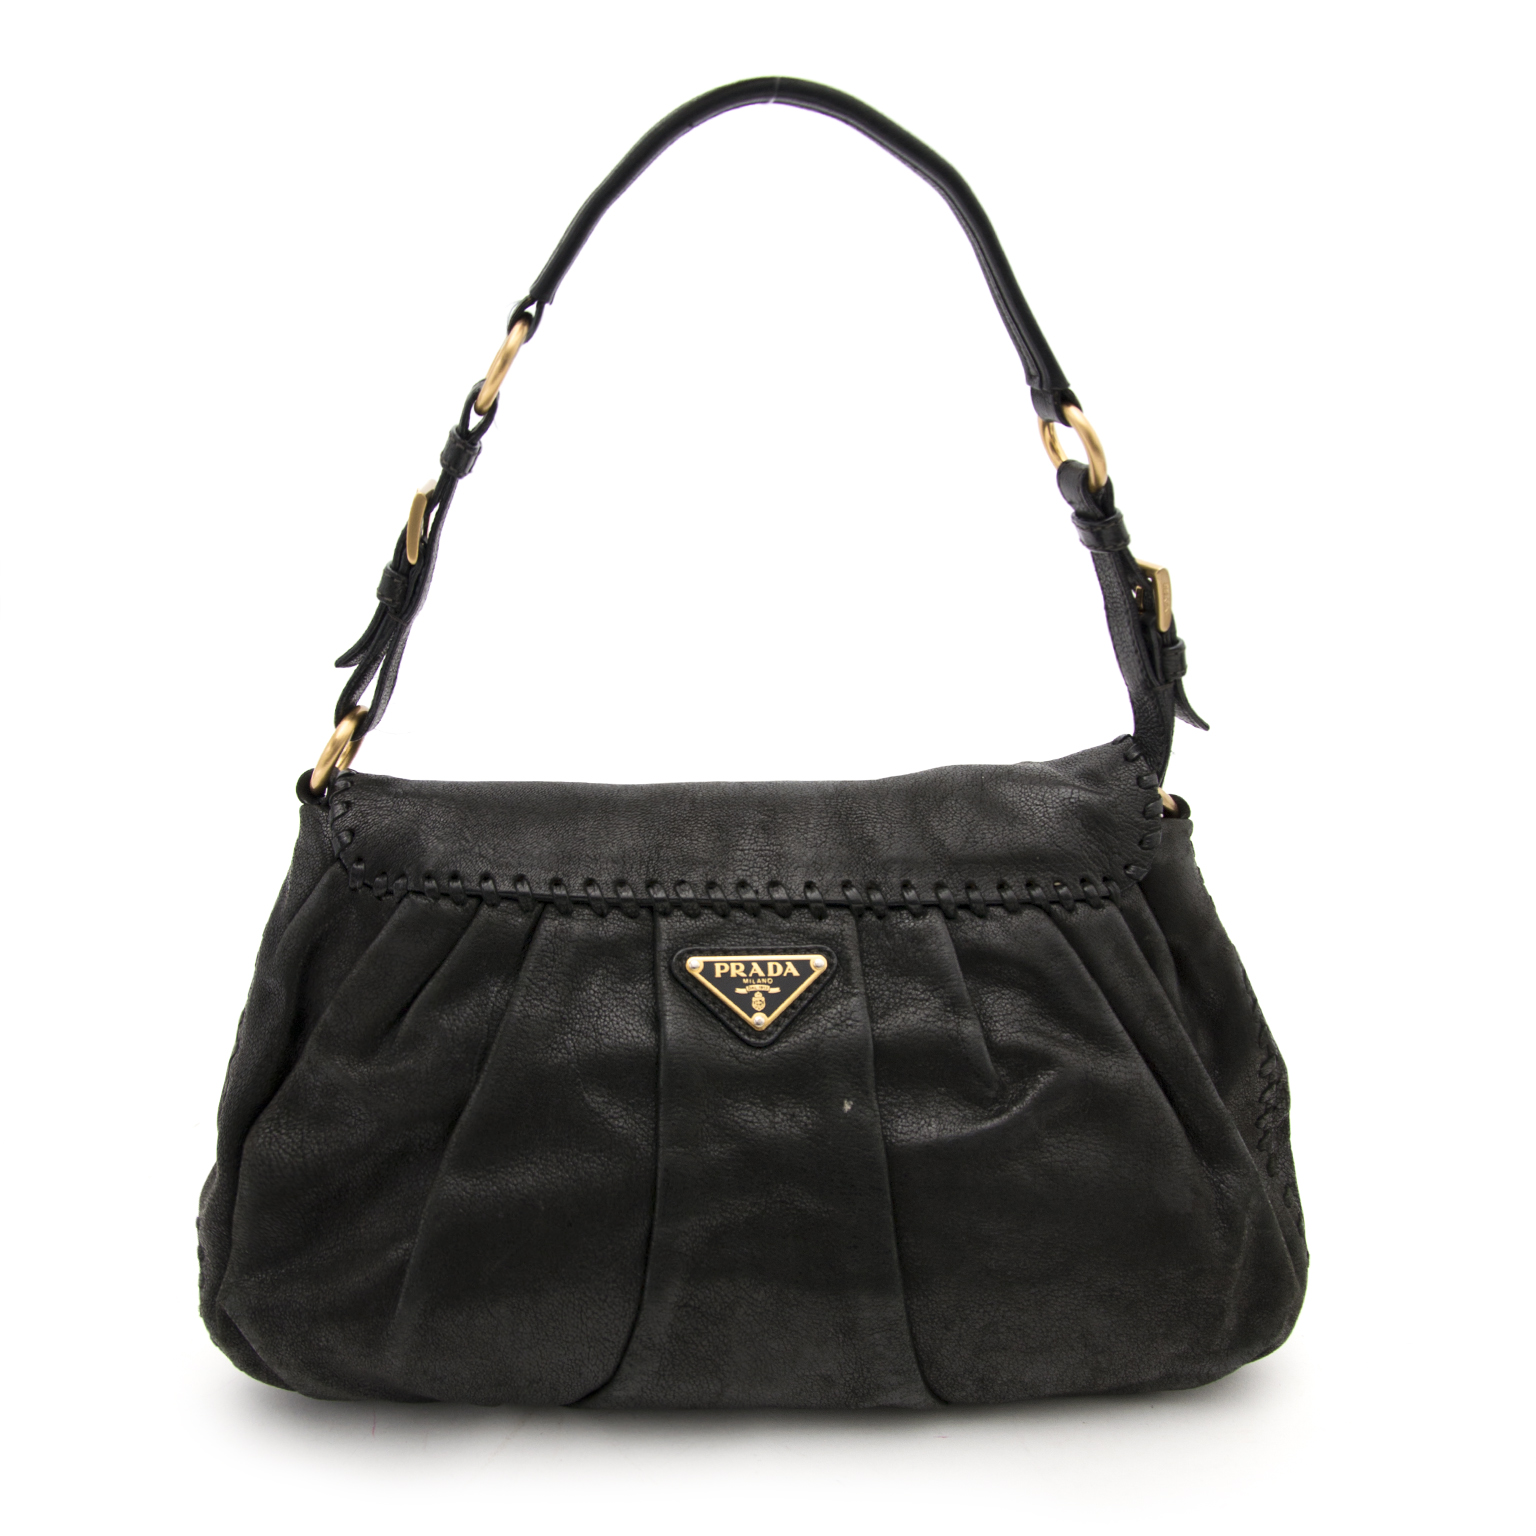 Prada black leather satchel bag aankoop aan de beste prijs